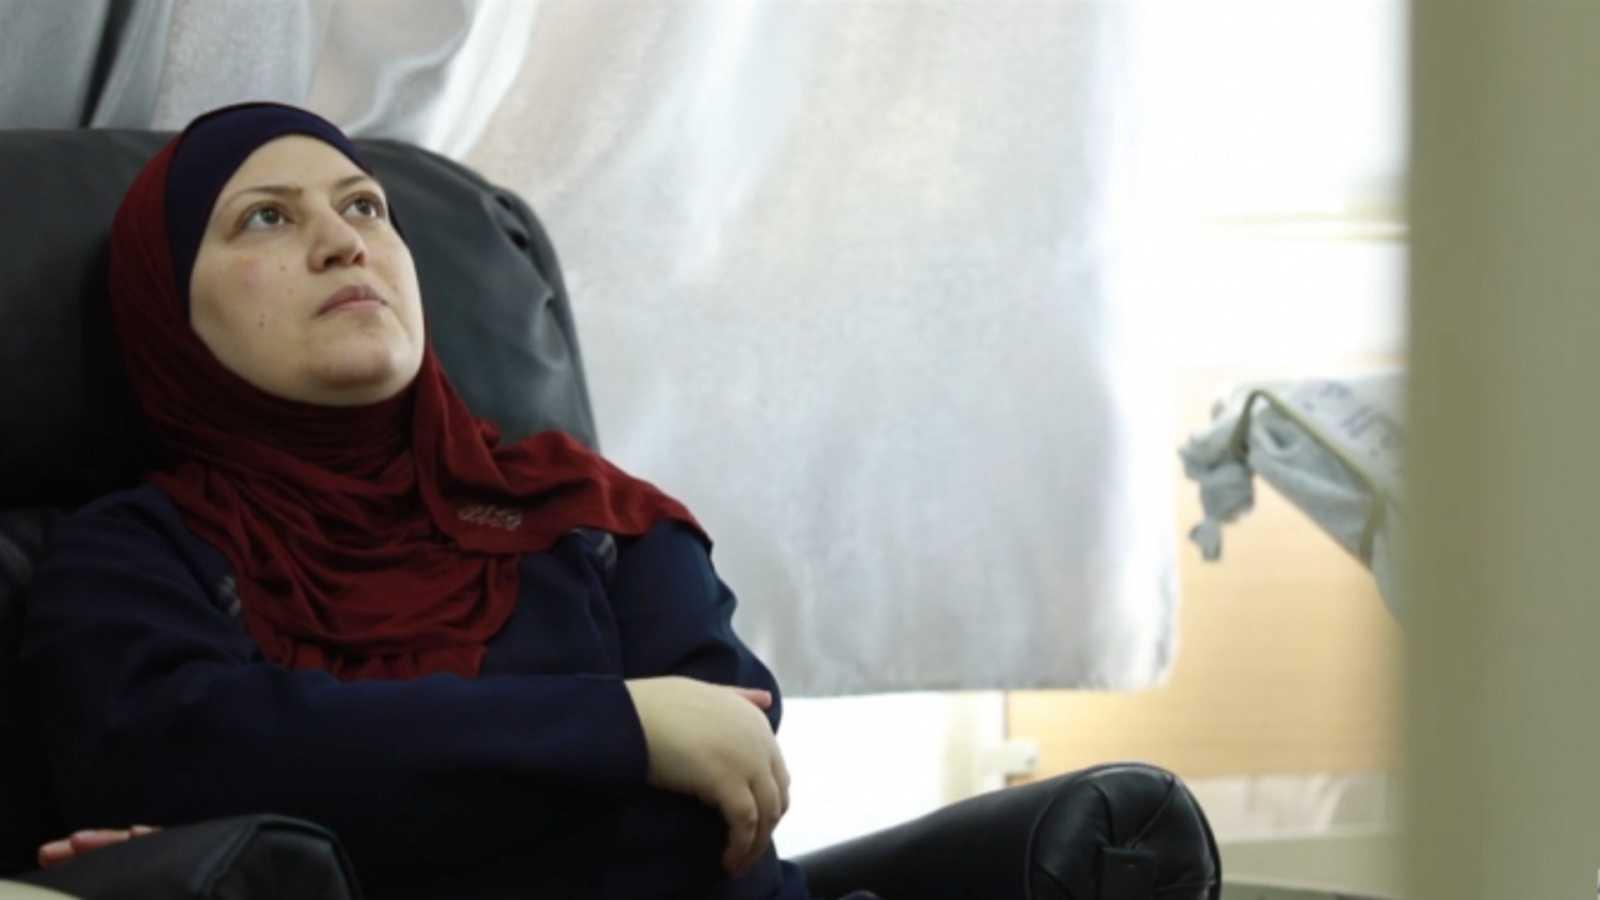 Tolerancia Cero - Condenados en Gaza y en Siria - 18/06/21 - escuchar ahora